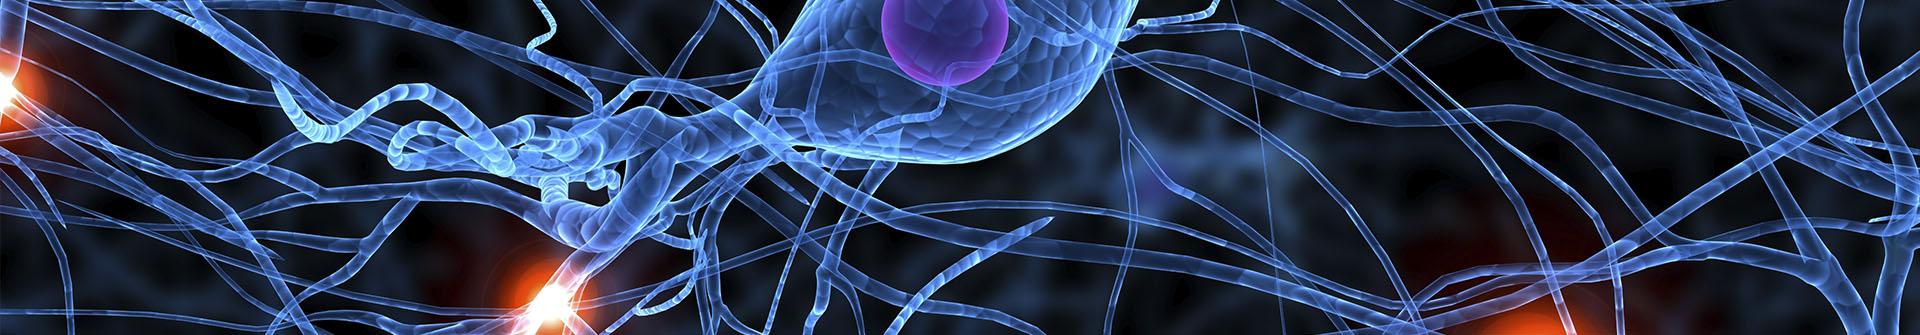 המרכז הקליני לחקר המוח